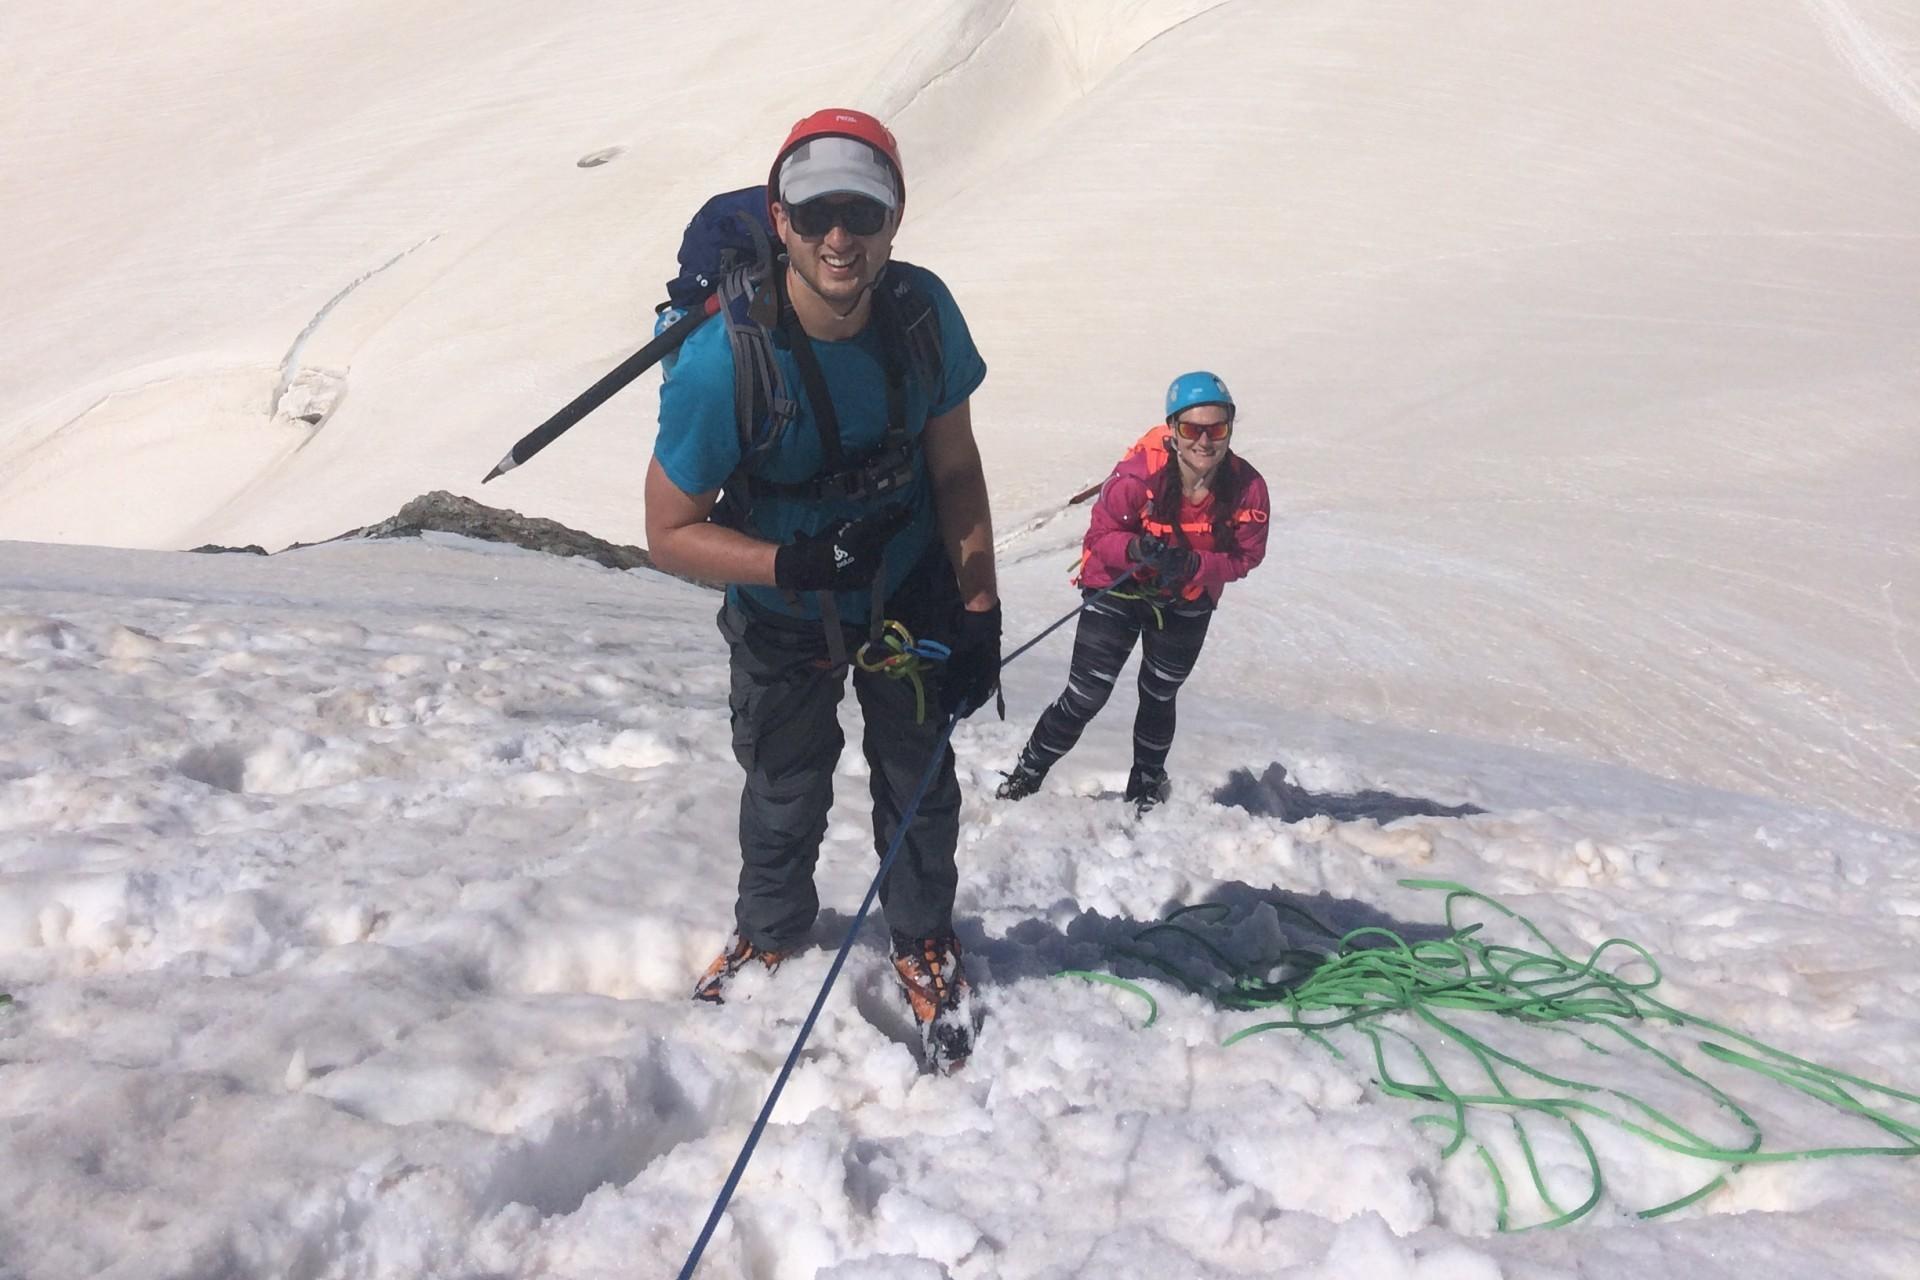 Le guide de haute montagne descend ces clients en moulinette d une pente raide sous le col de la Girose.